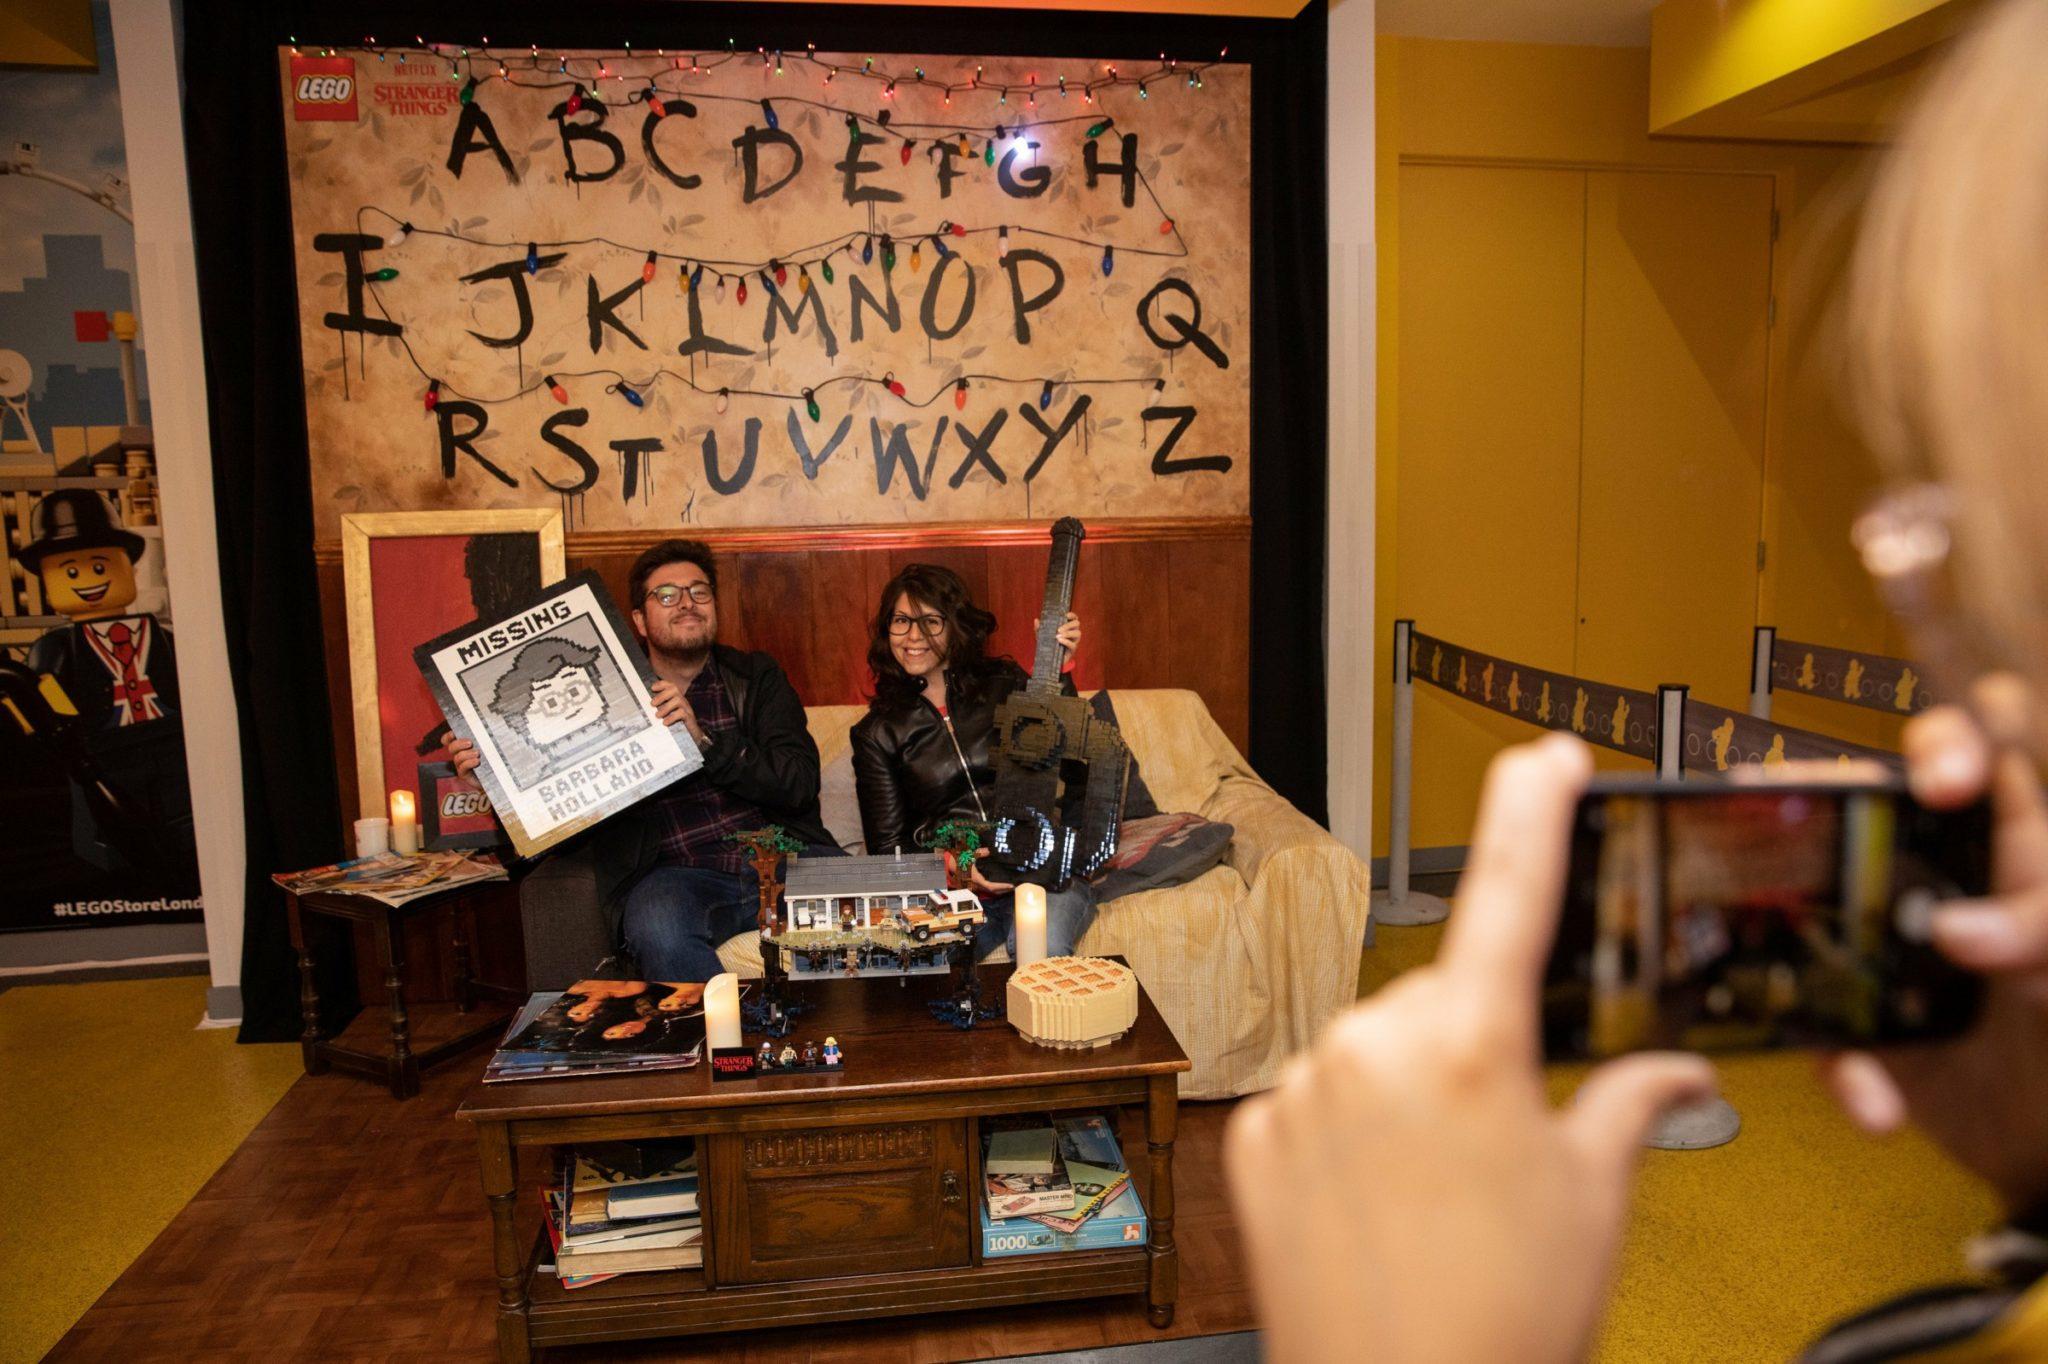 Ludzie siedzący na kanapie ze Stranger Things